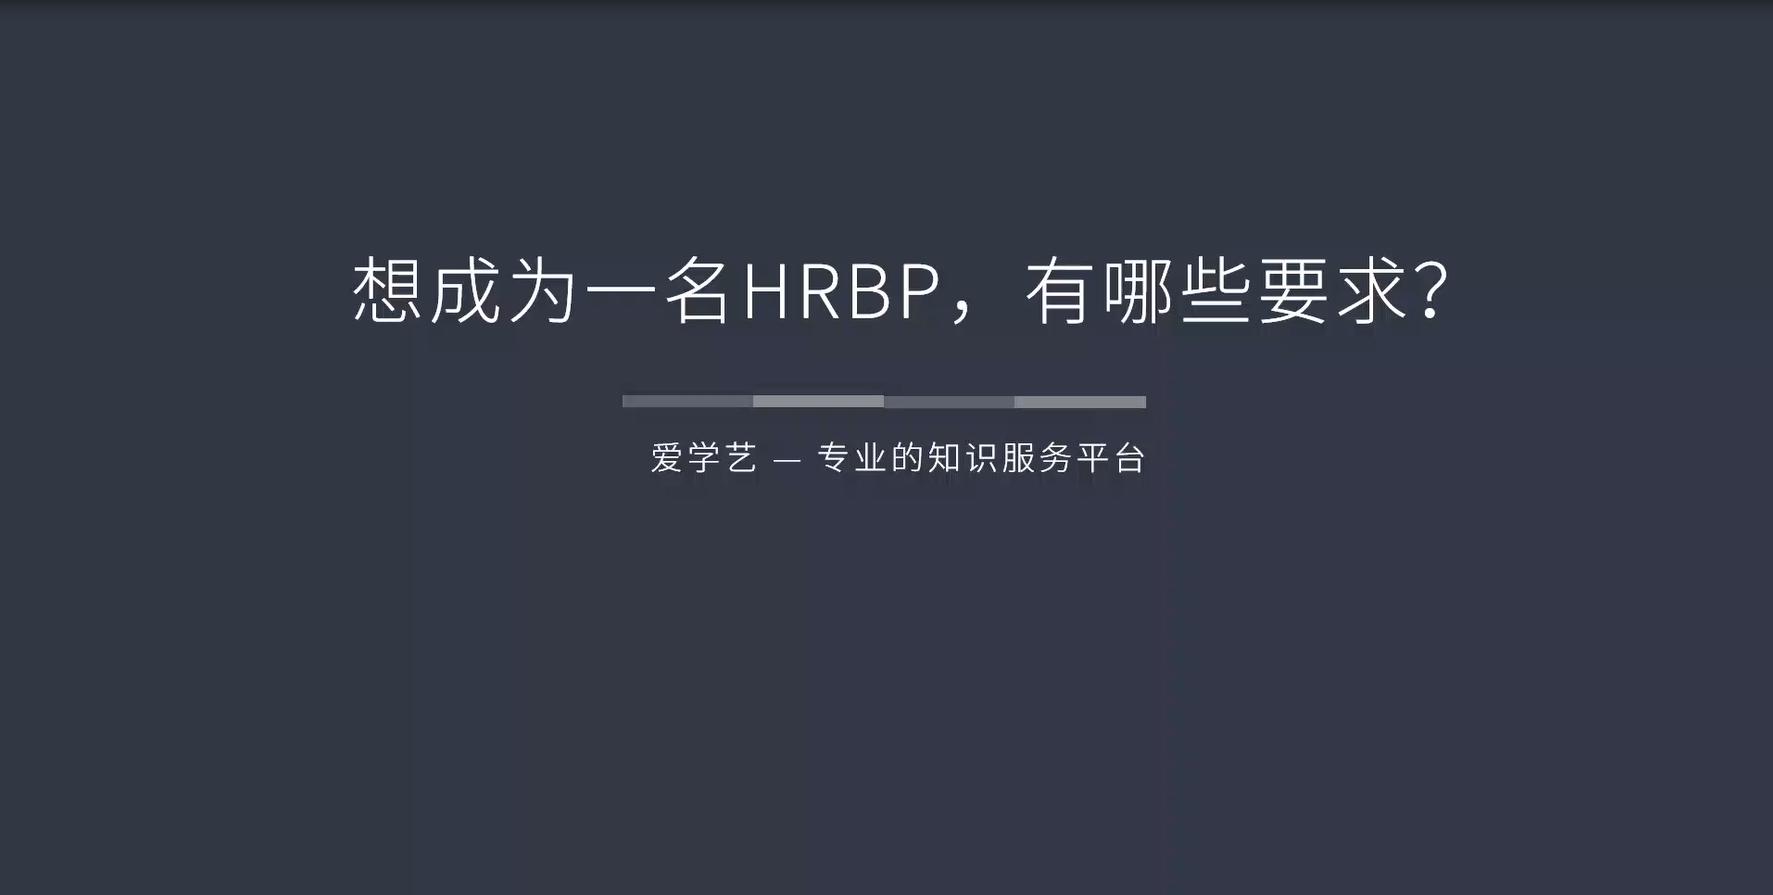 想成为一名HRBP,有哪些要求?